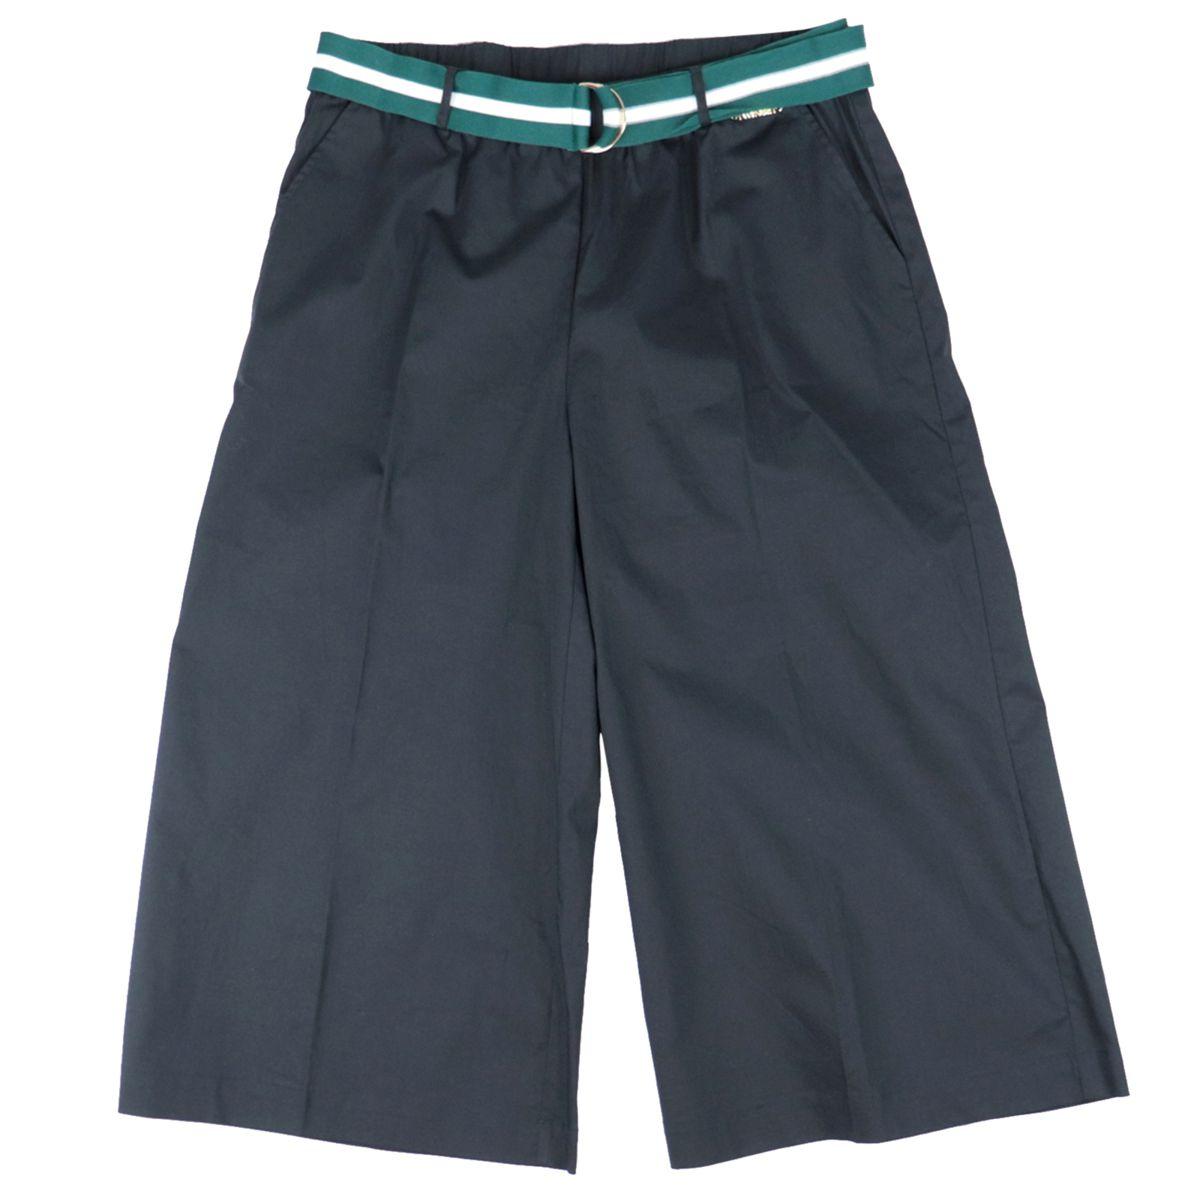 Pantaloni ampi in popeline con cintura a costine bicolor Nero/verde Twin-Set